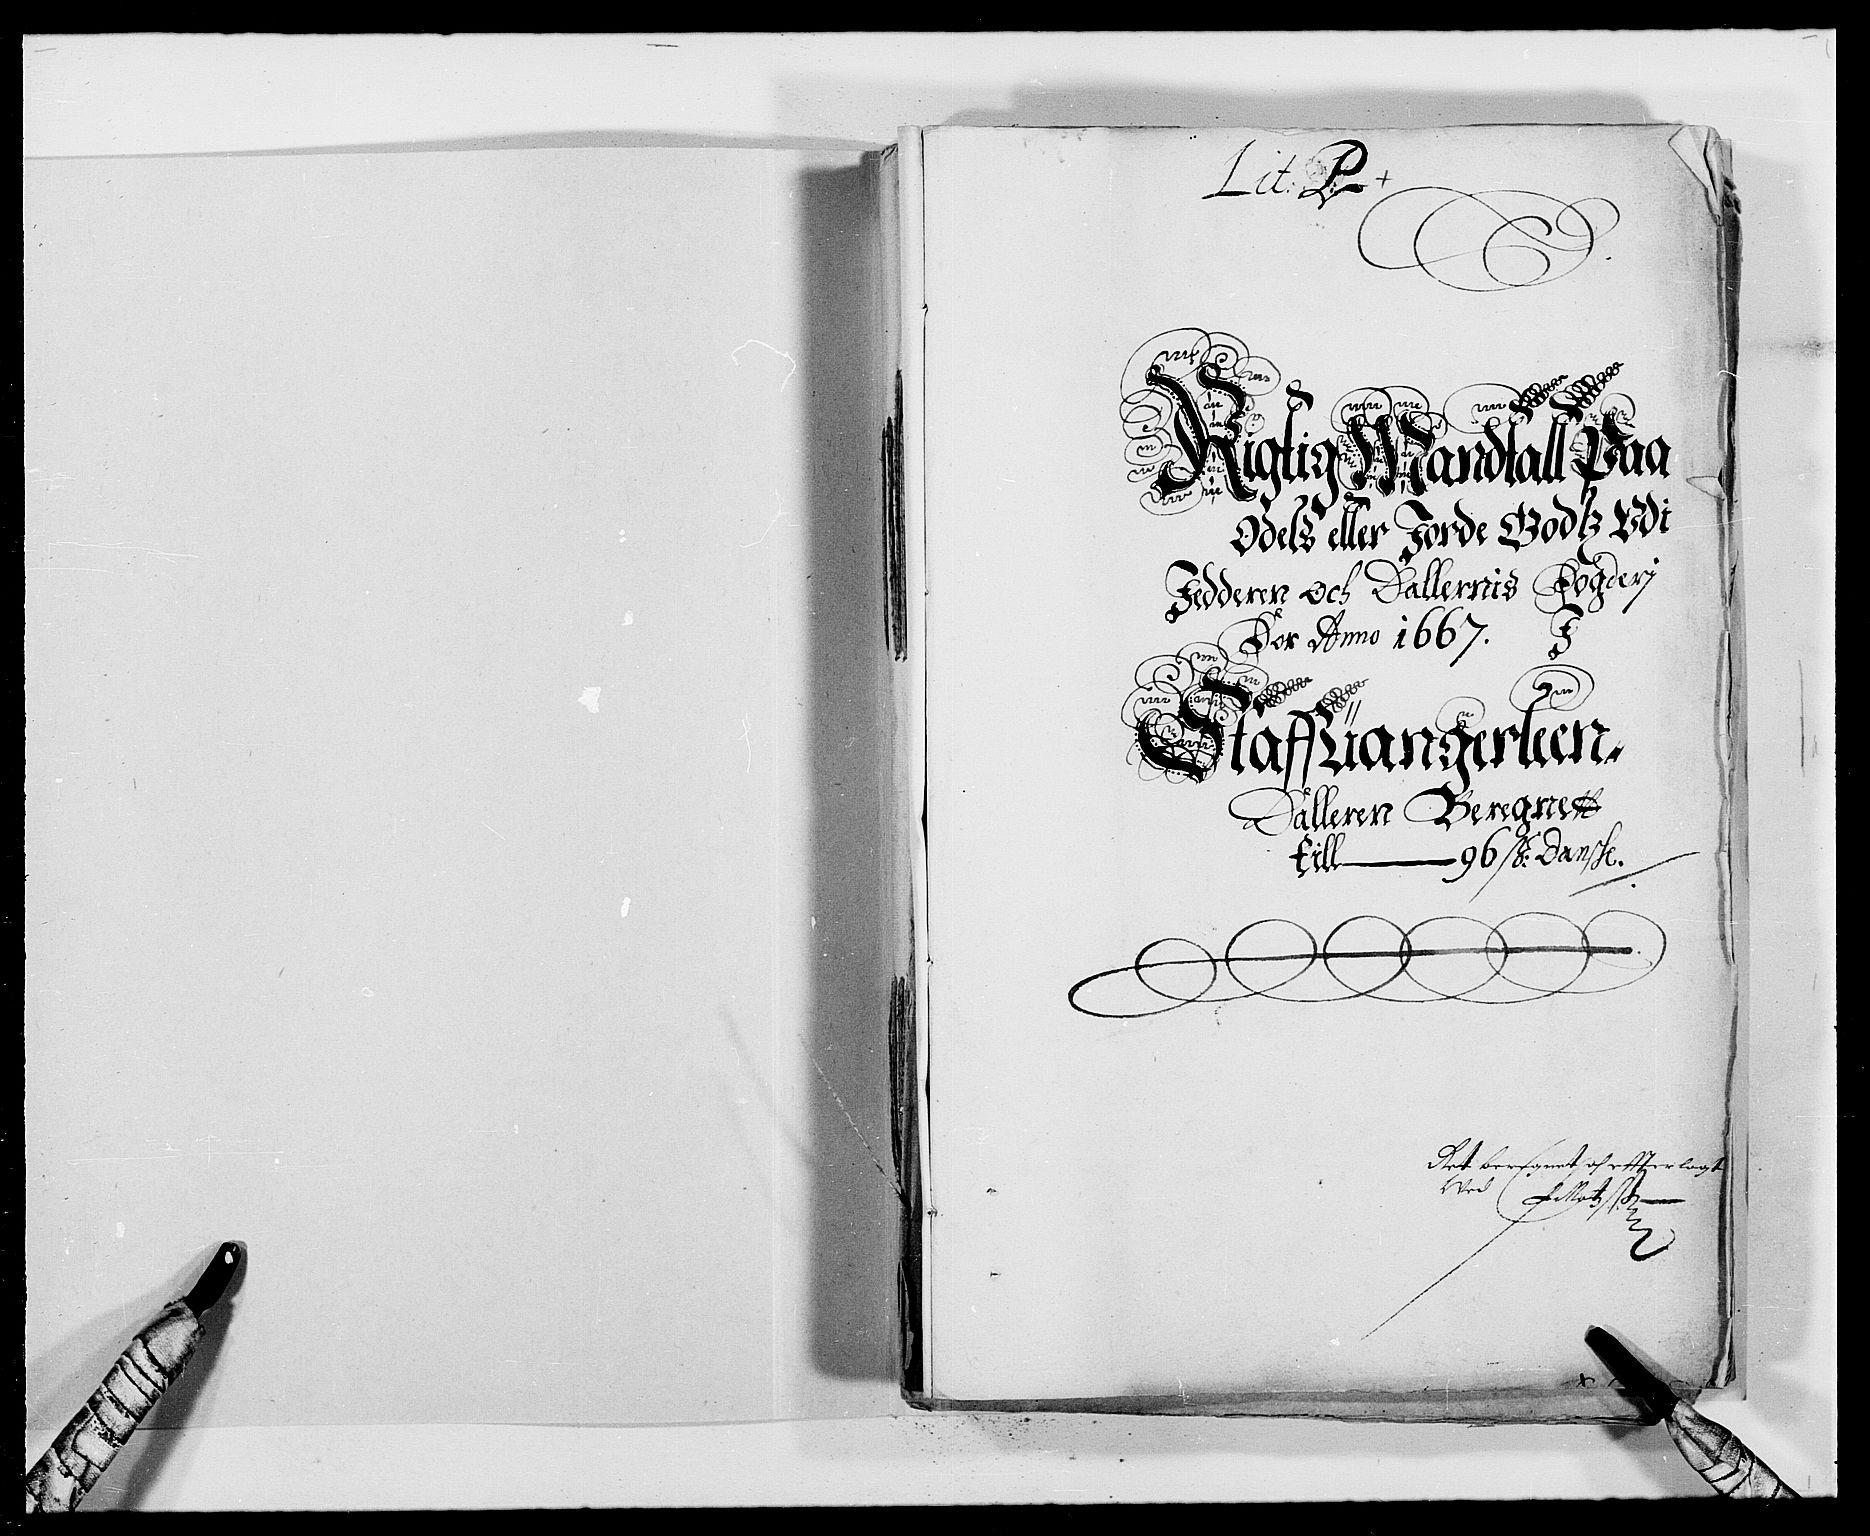 RA, Rentekammeret inntil 1814, Reviderte regnskaper, Fogderegnskap, R46/L2710: Fogderegnskap Jæren og Dalane, 1667, s. 144